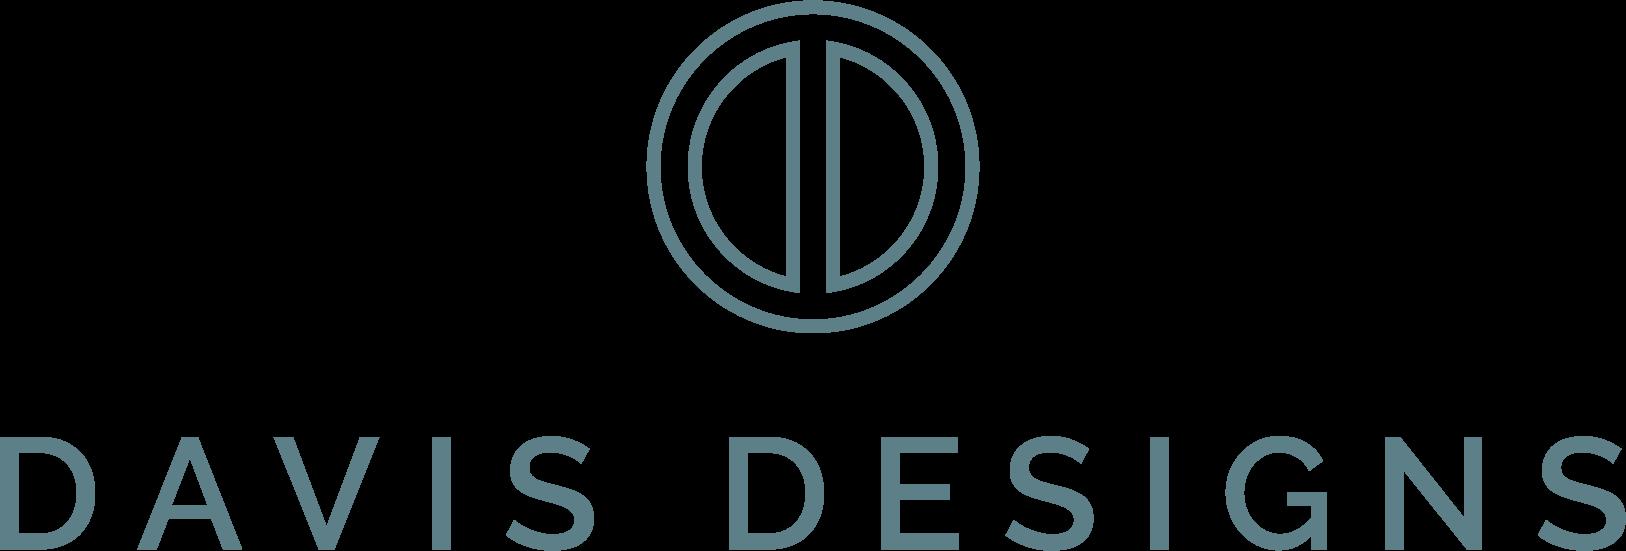 Davis Designs coupon codes